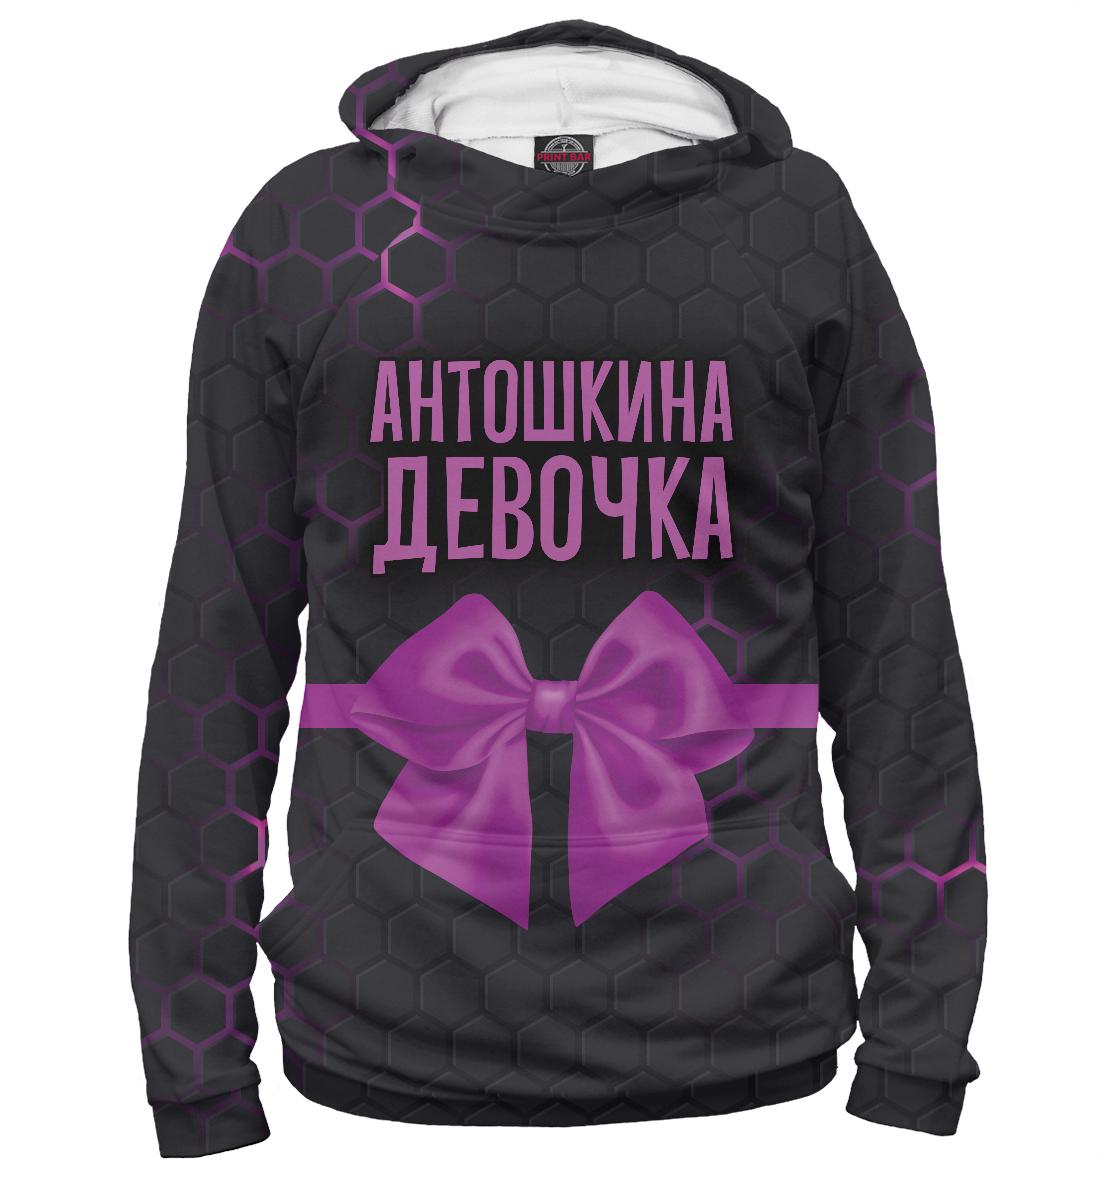 Худи Антошкина девочка (806399)